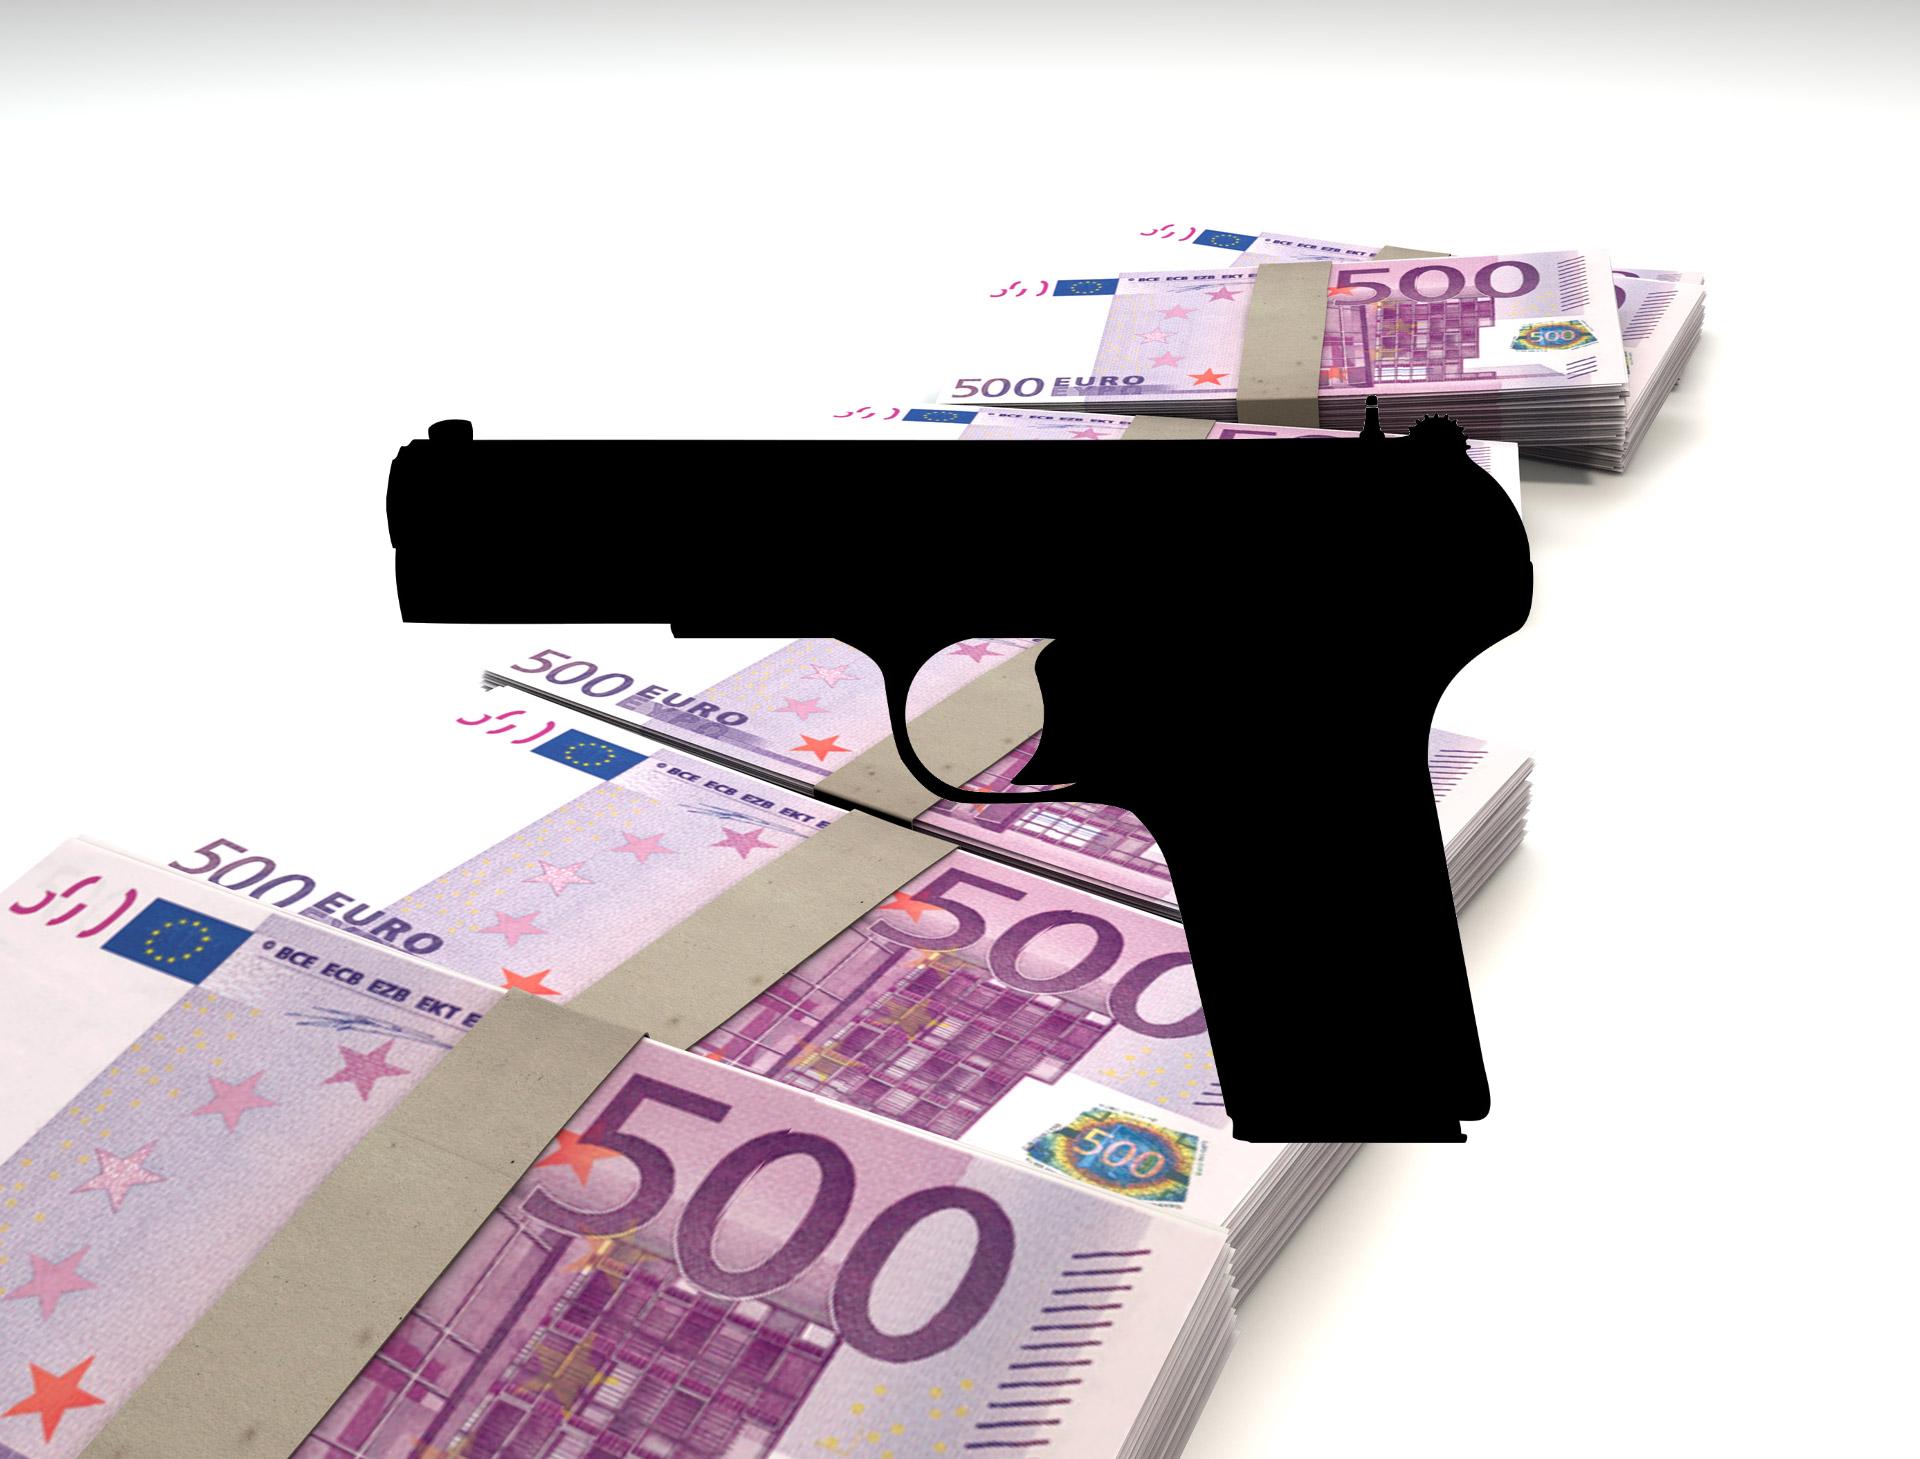 Dove non arrivano le banche arrivano le mafie. Confapi lancia l'allarme: «In quattro anni in Veneto sono quadruplicati i soggetti segnalati per associazione a delinquere»